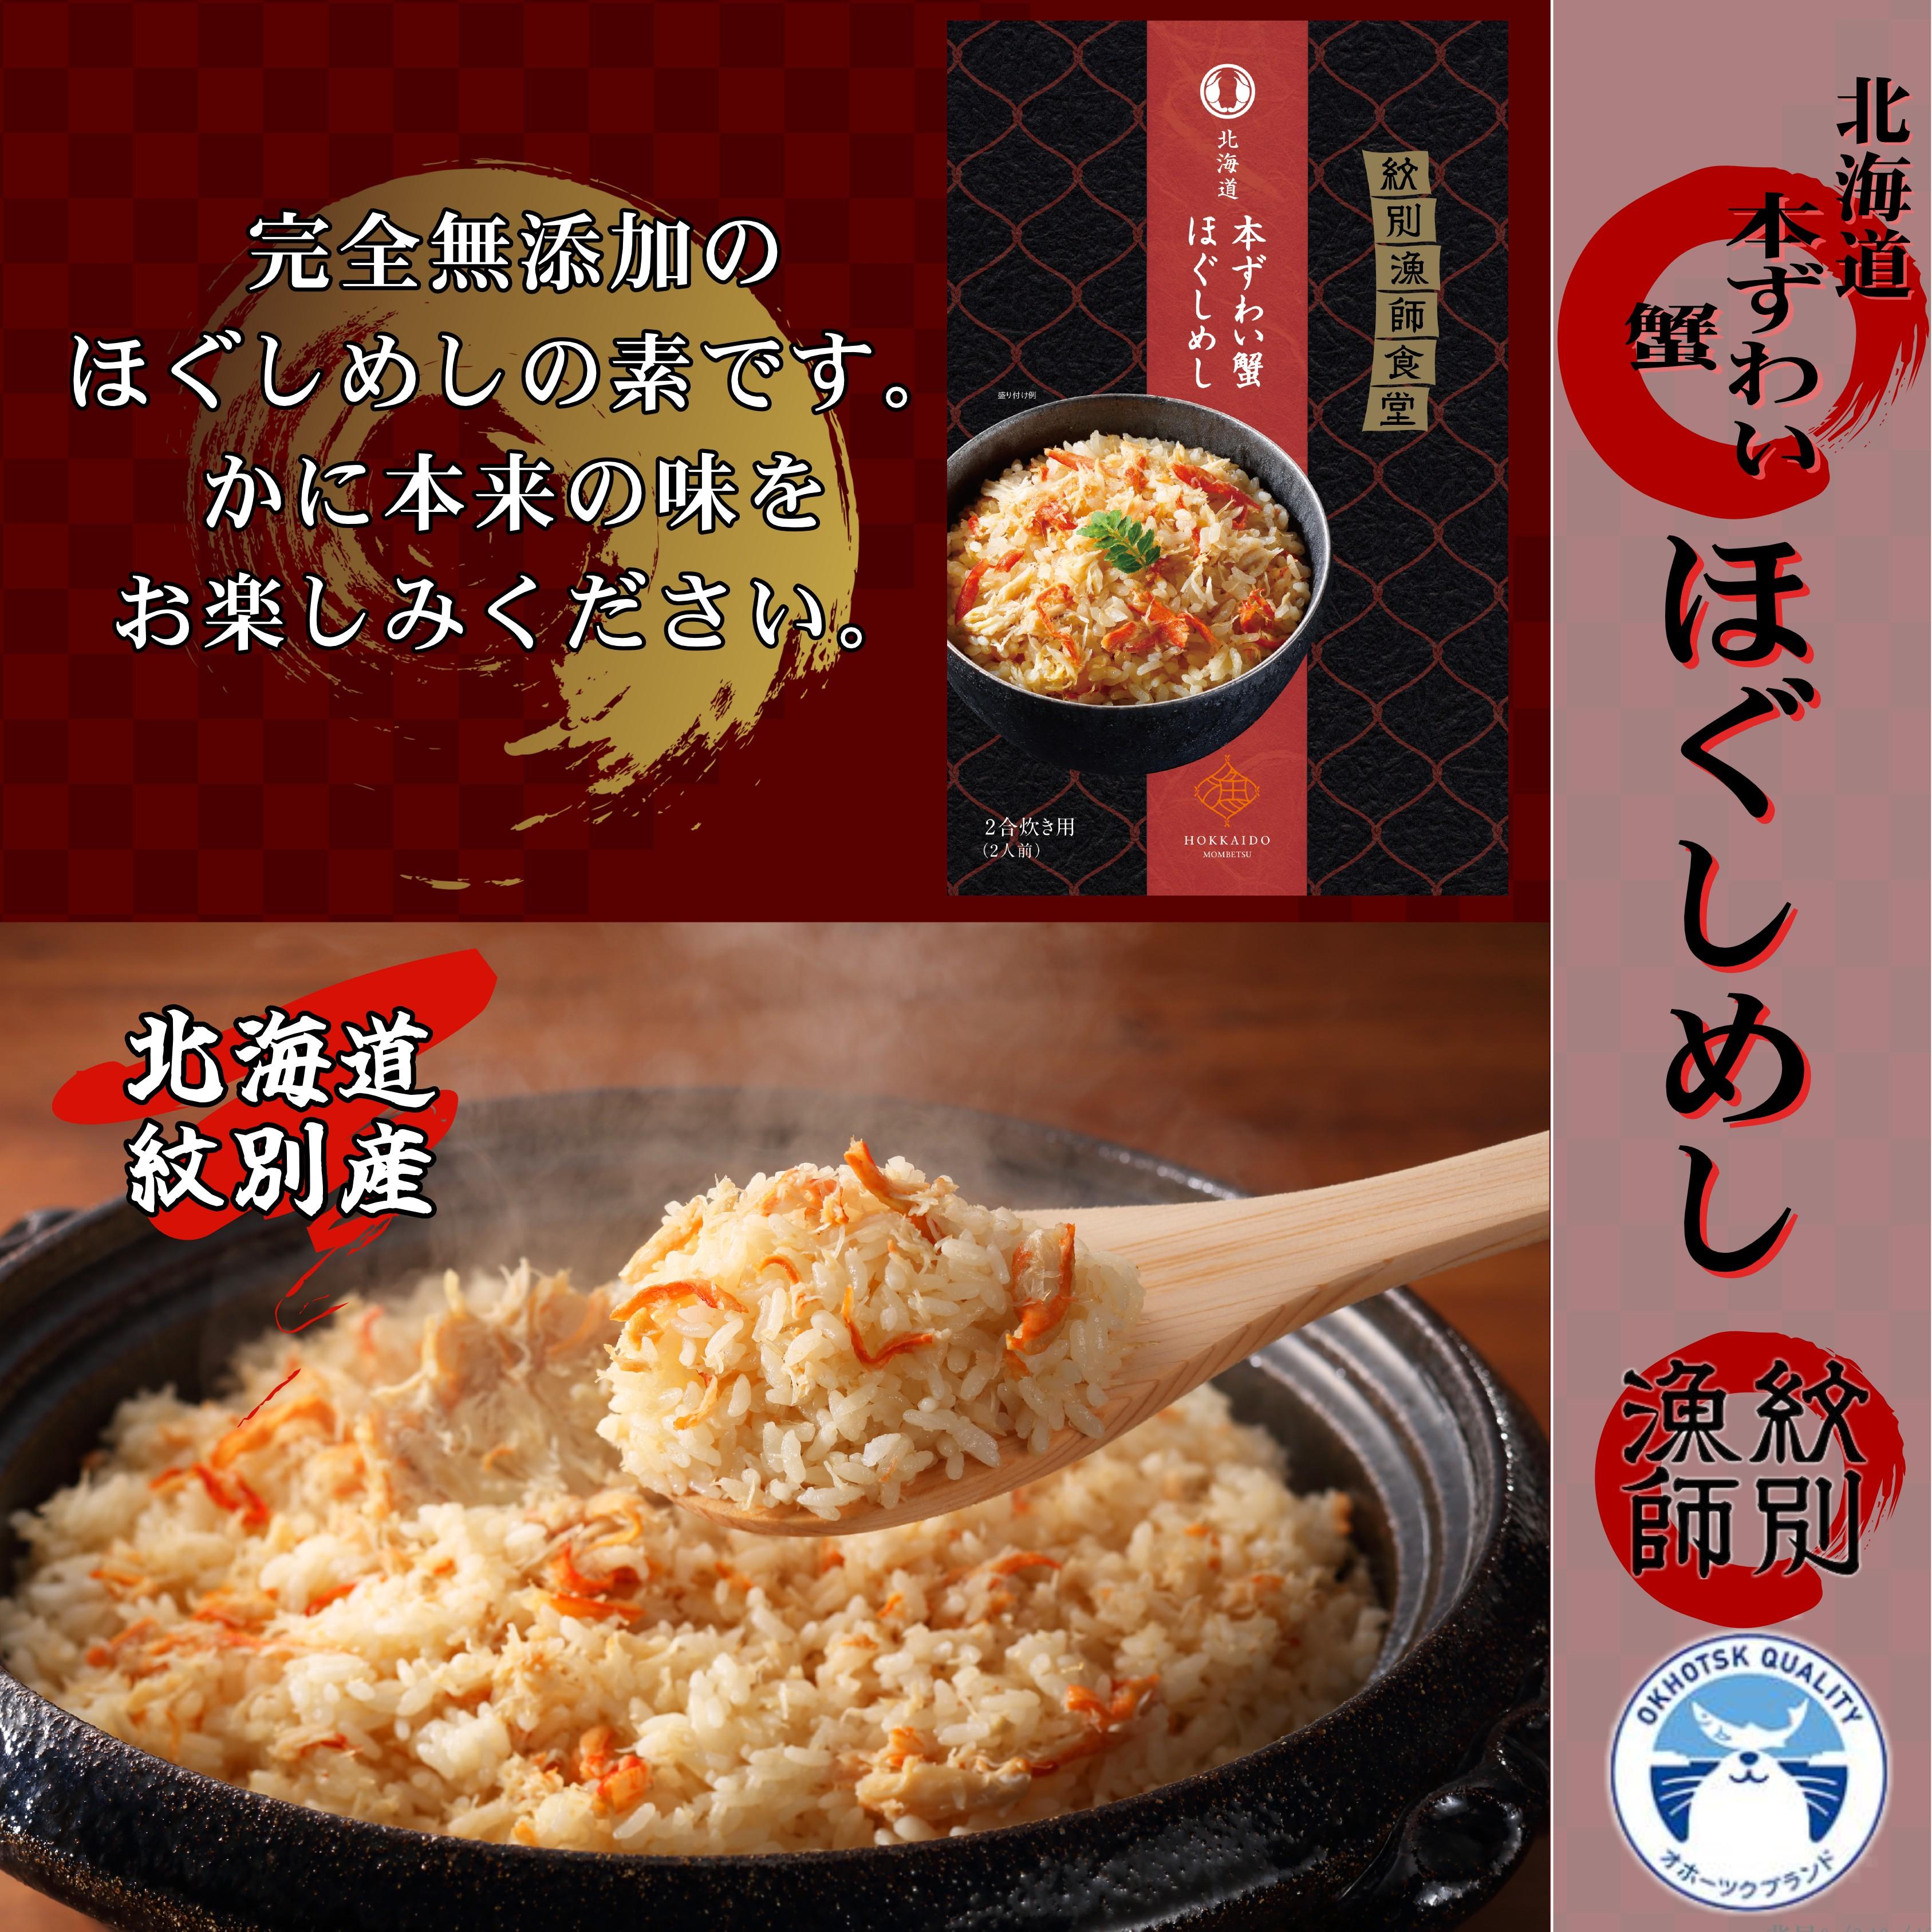 ふるさと納税 20-120 紋別漁師食堂 北海道 最新 かにほぐしめし4個 通販